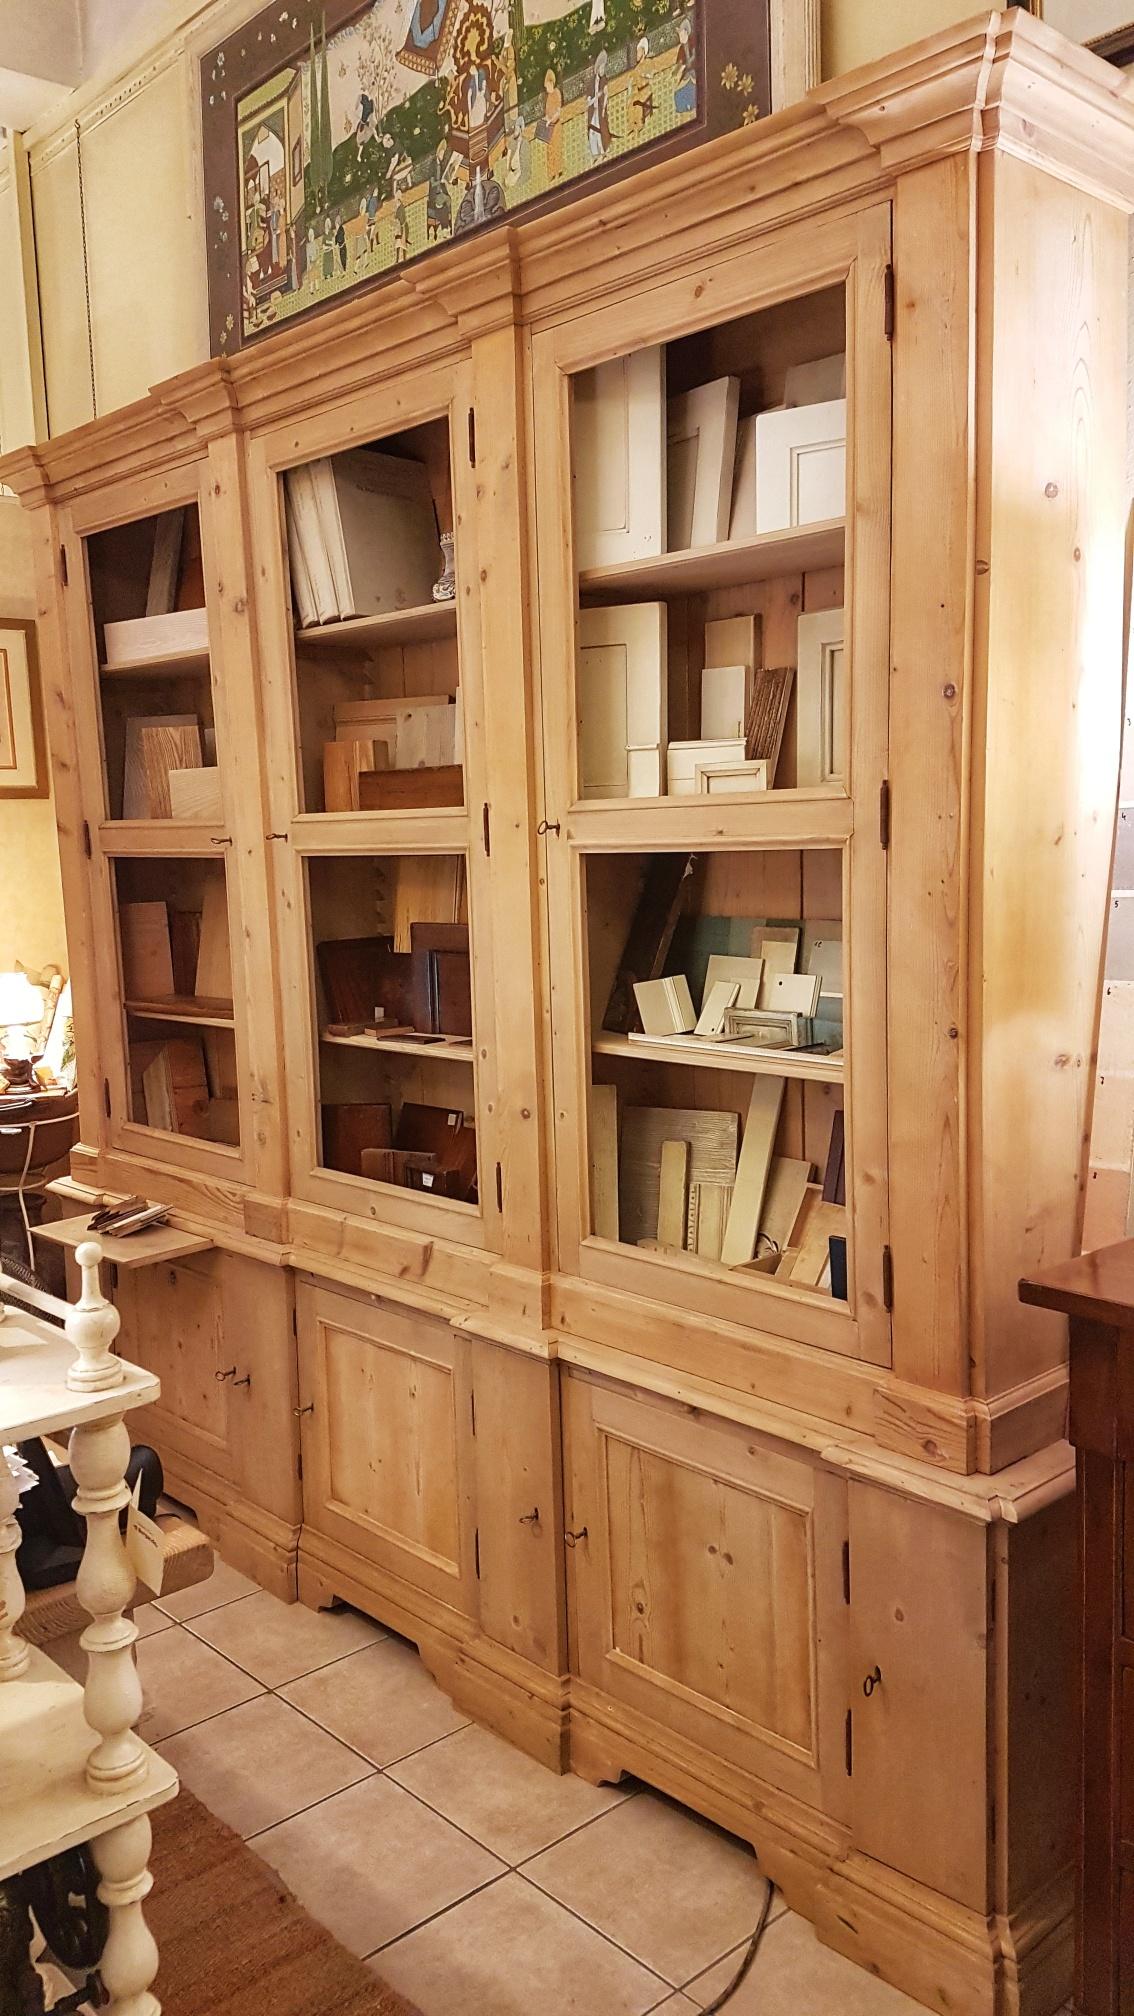 Libreria Antica In Legno.Arredamento Contemporaneo Mobili Country Su Misura Siena Firenze